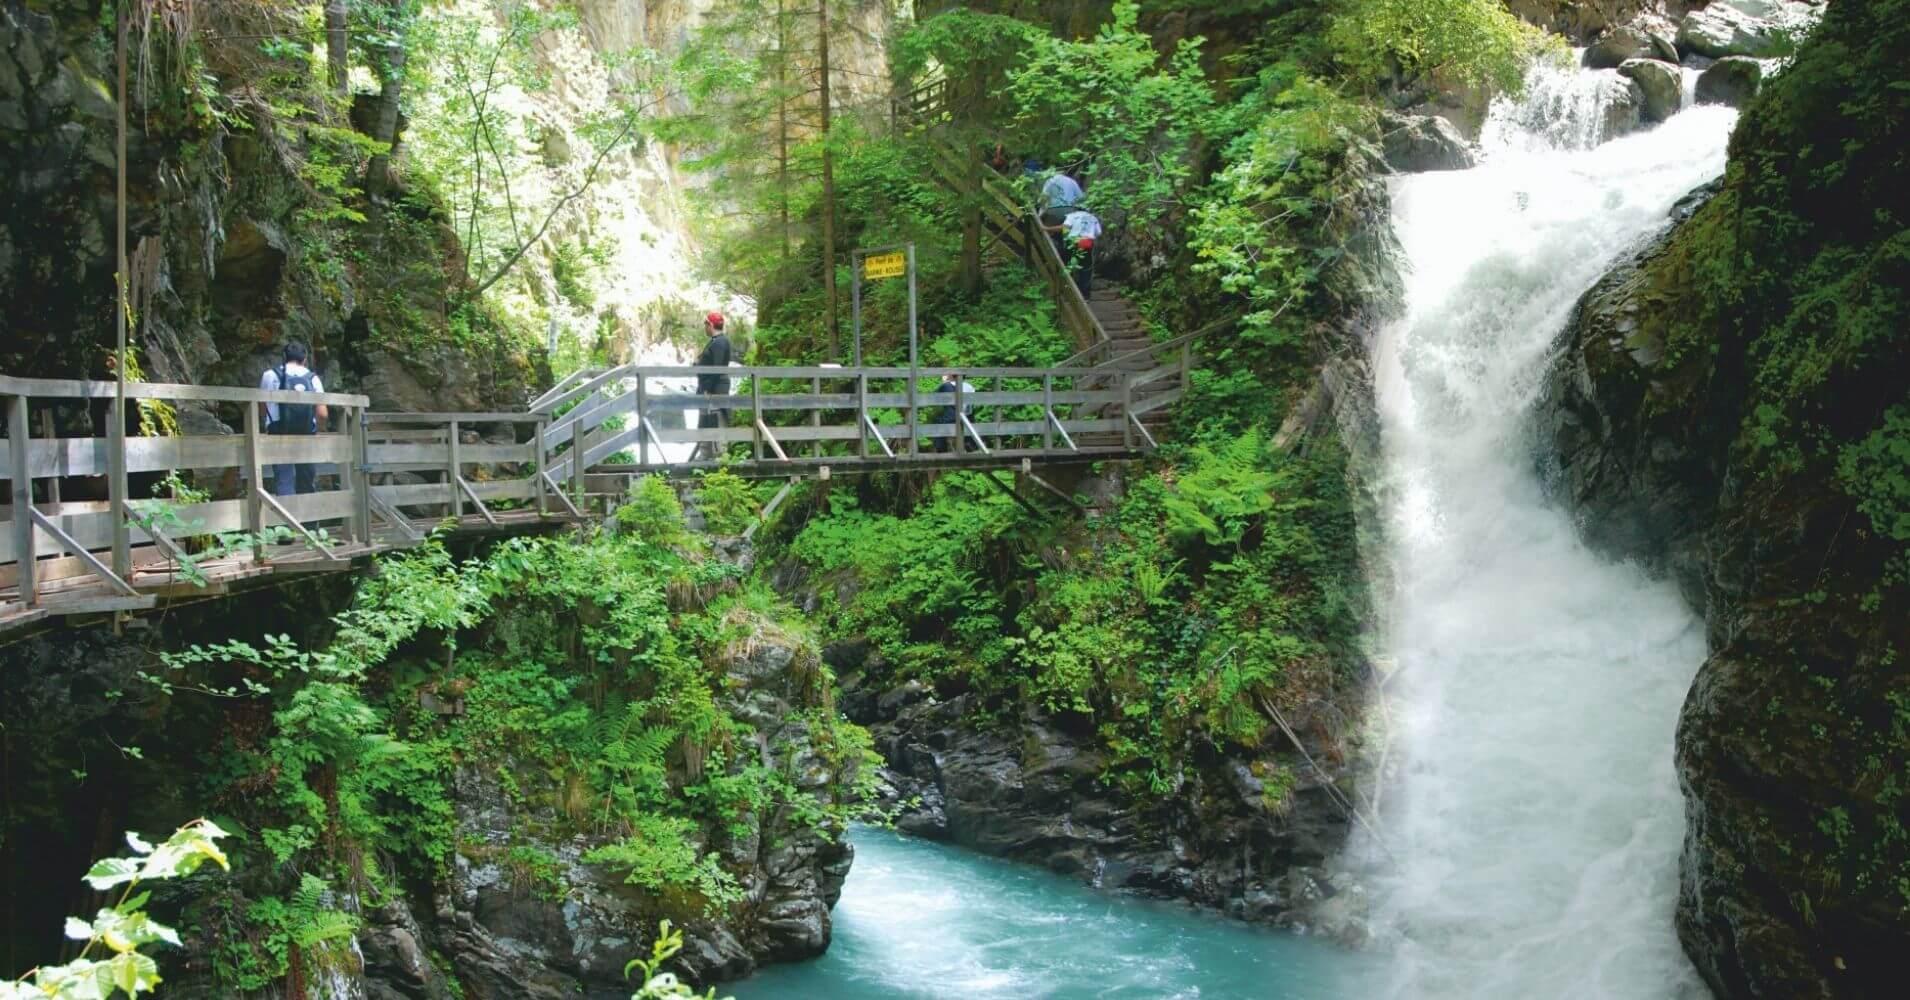 Puentes Pasarelas y Cascadas de les Gorges de la Diosaz. Alta Saboya, Auvernia-Ródano-Alpes, Francia.